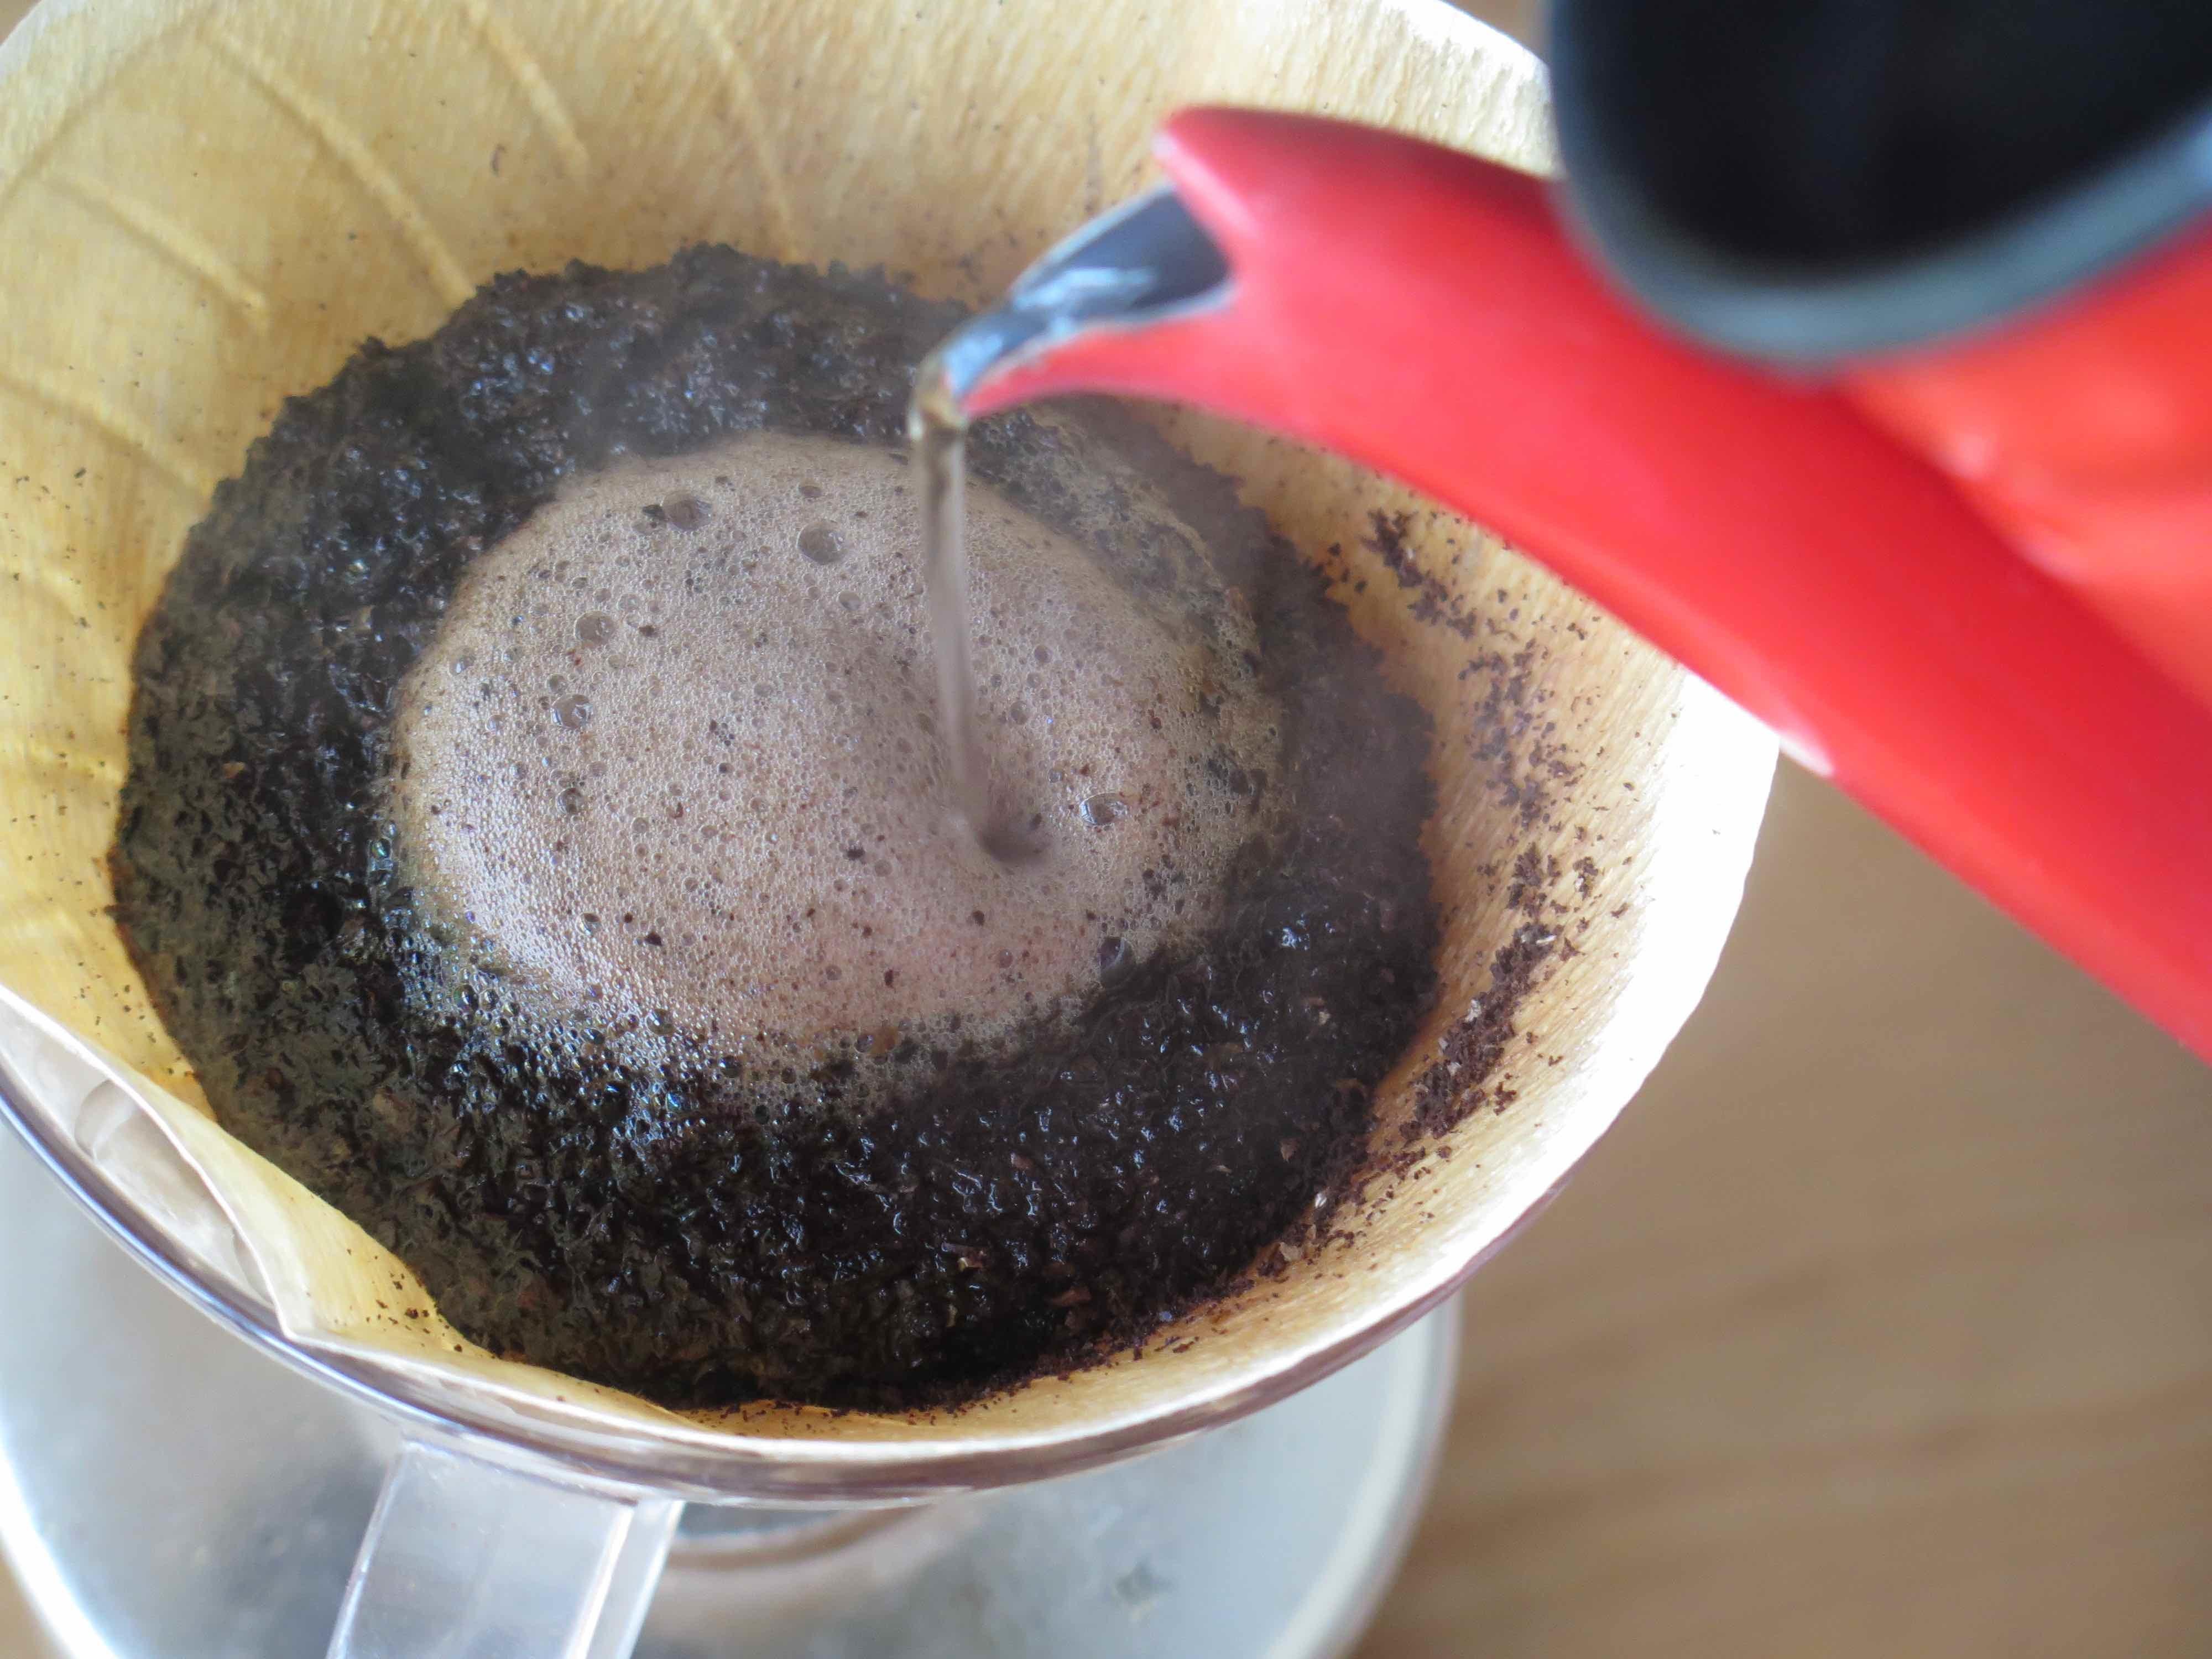 土鍋焙煎ニドムブレンドコーヒー豆 200g - 画像3